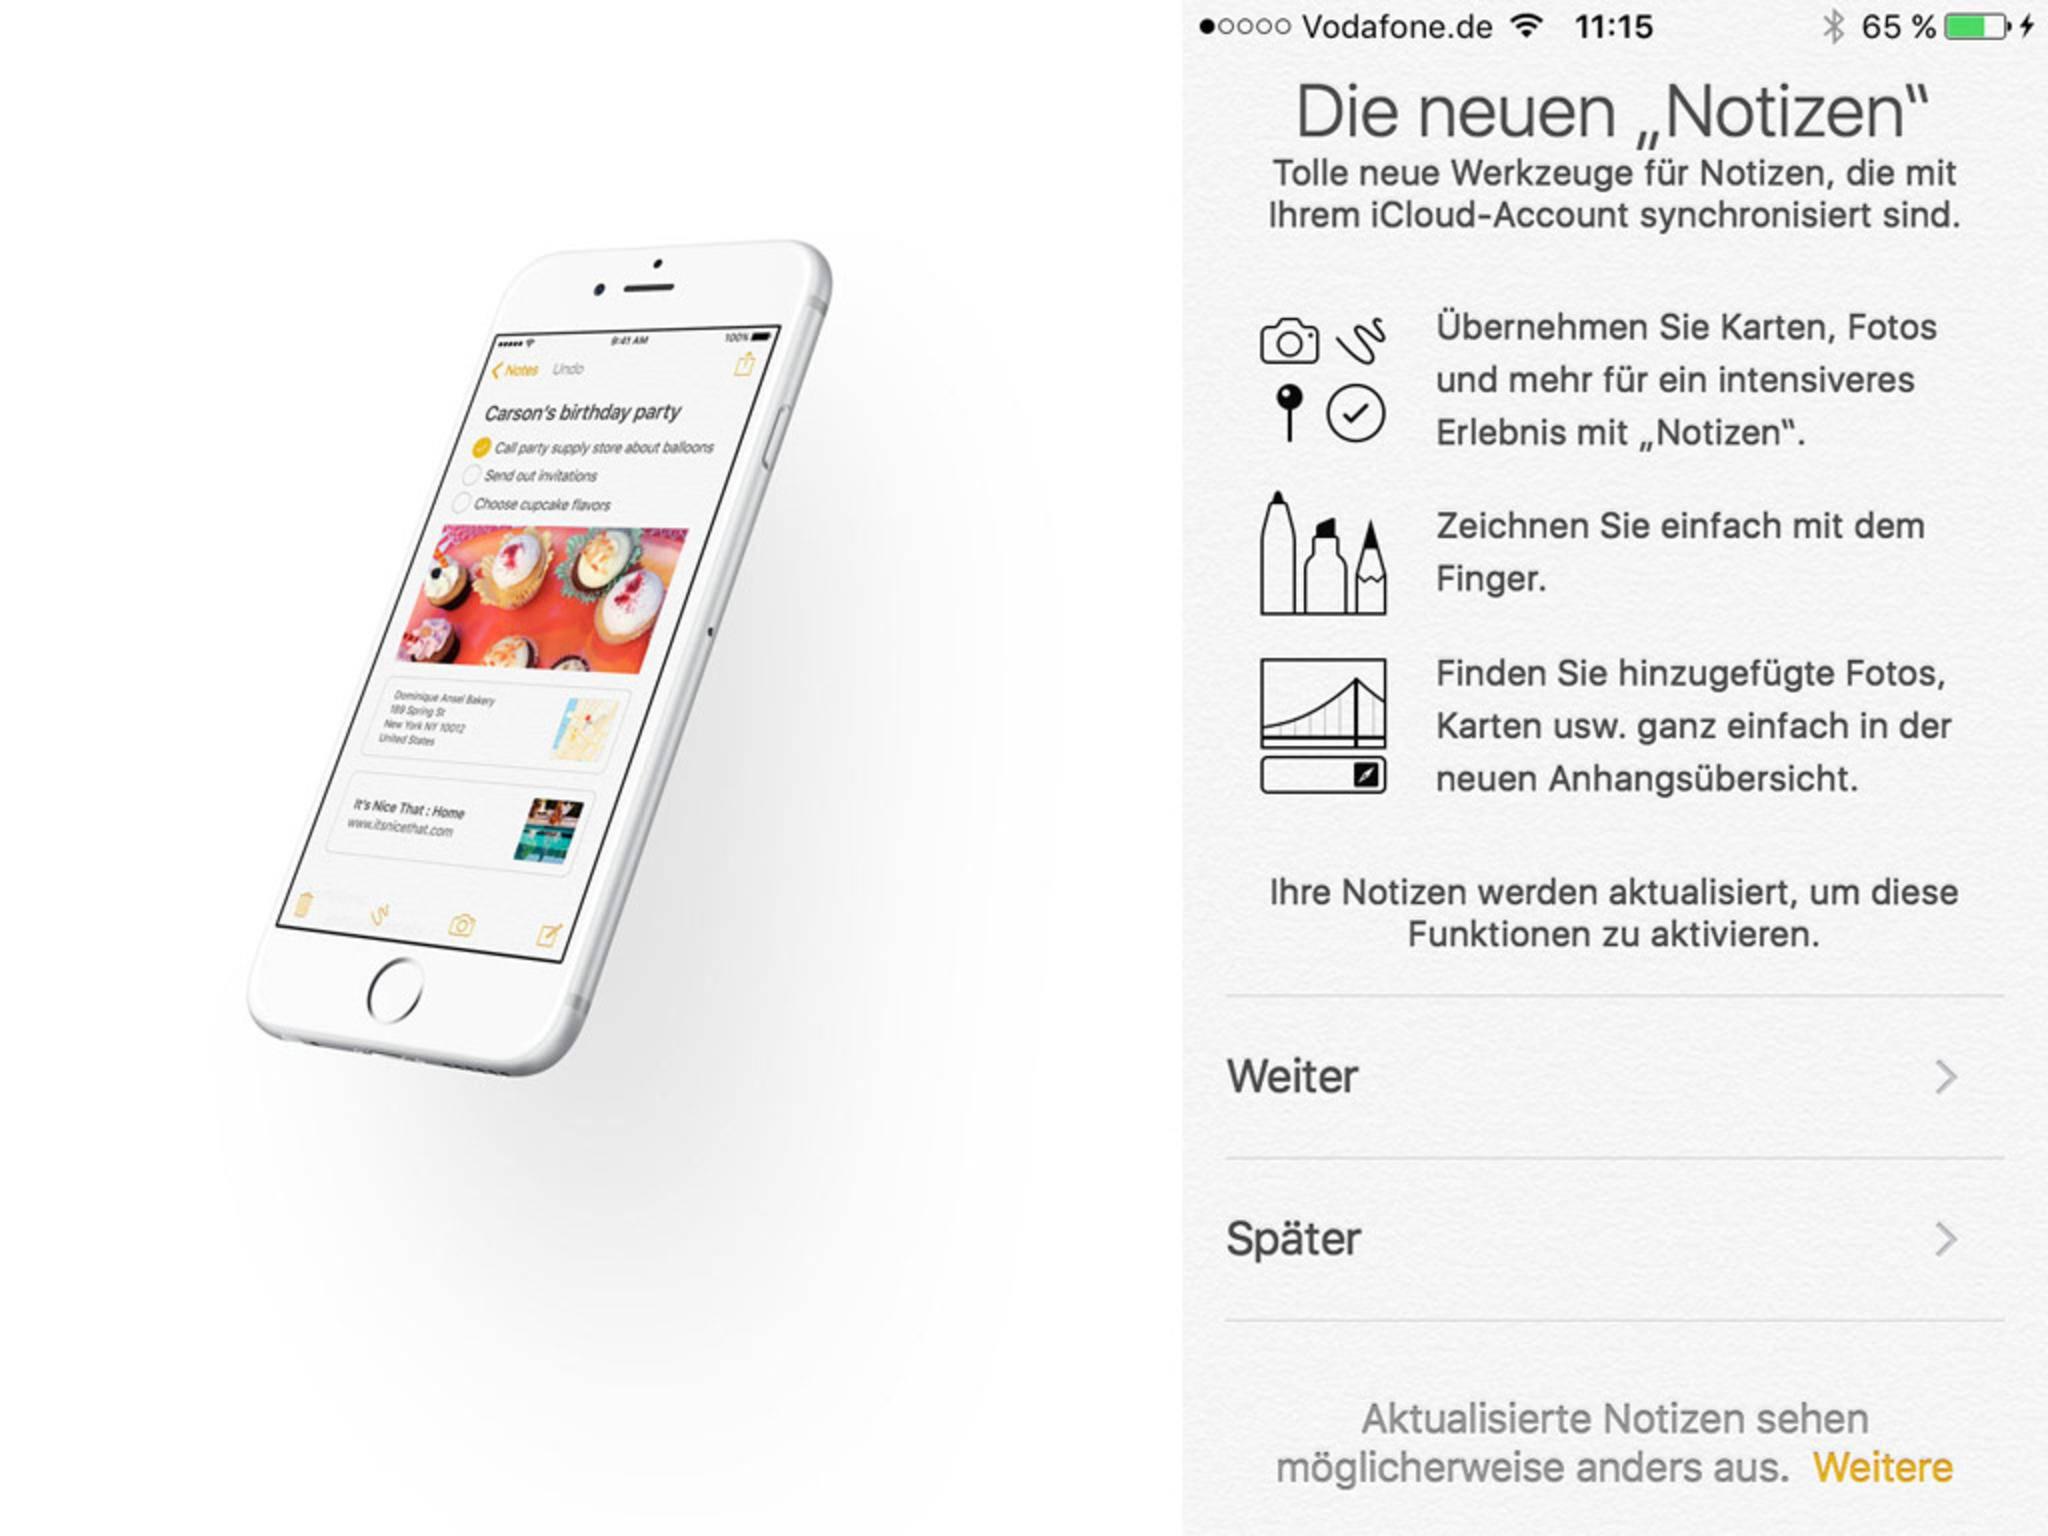 iOS 9 Beta Notizen